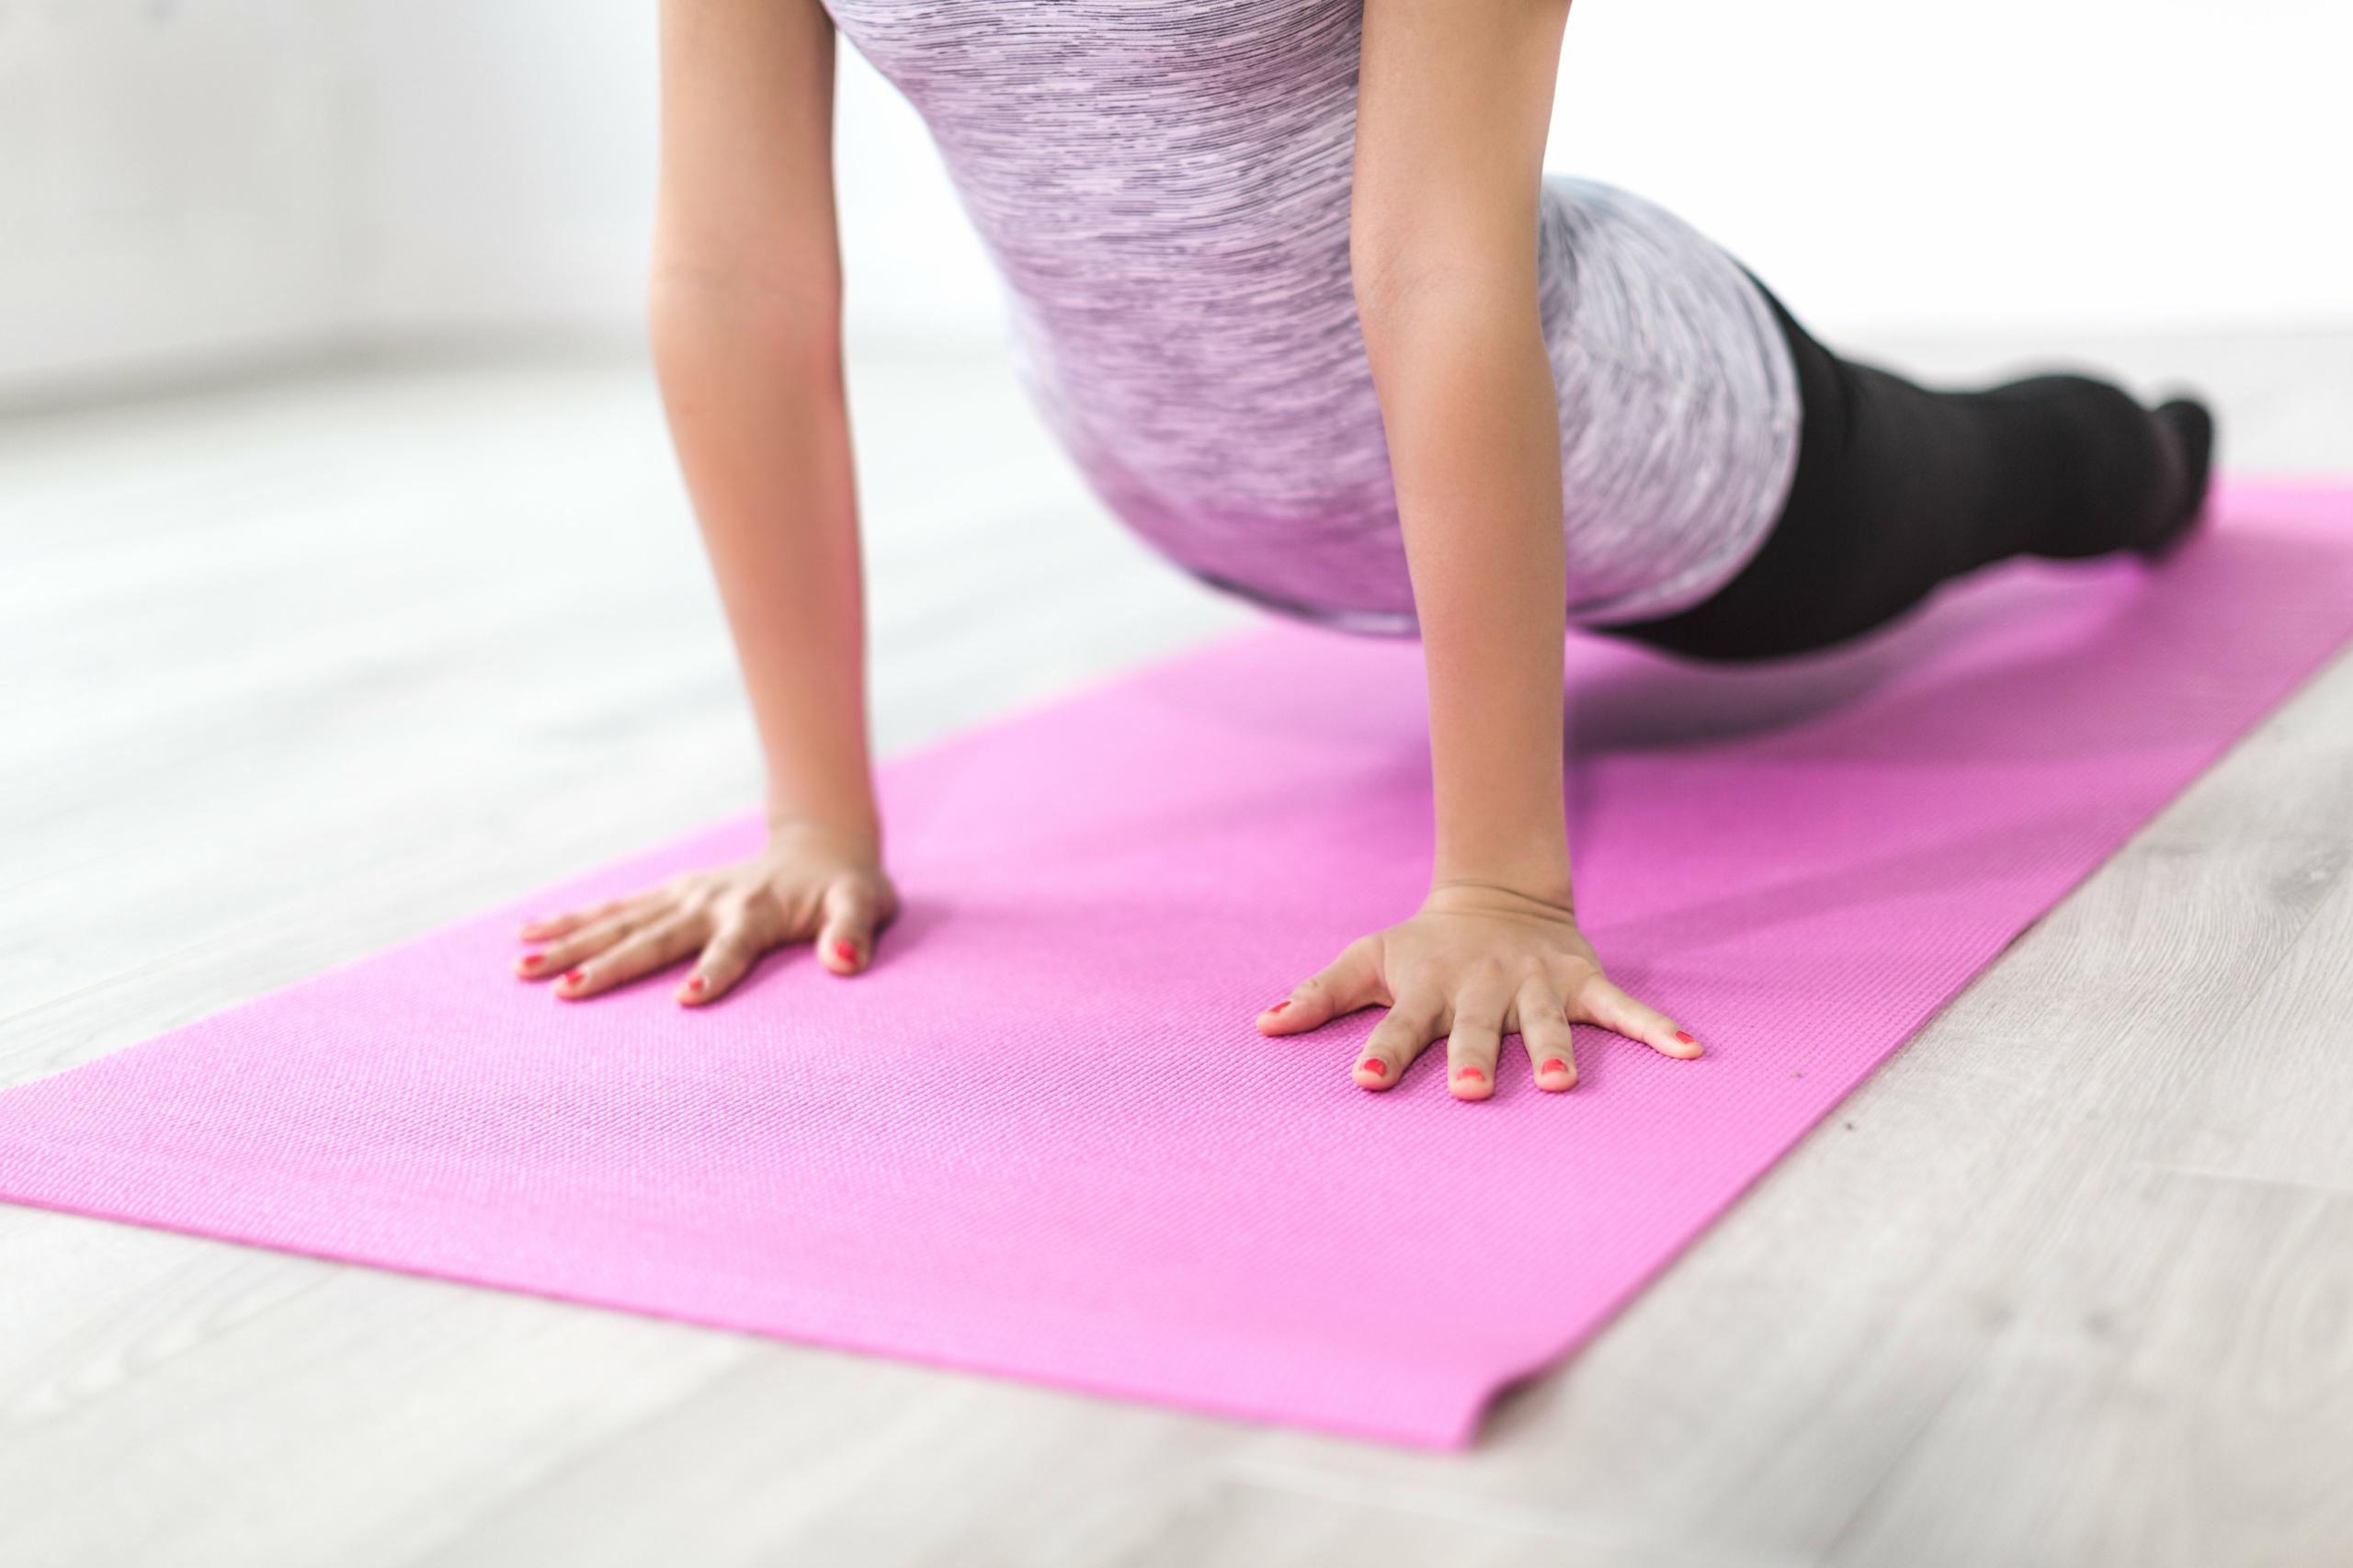 Mejorar la Fuerza y Ayudar en el Equilibrio y la Flexibilidad - Bloque de Espuma EVA de Alta Densidad para Apoyar y Profundizar Las Poses 1pc o 2pcs REEHUT Bloques de Yoga